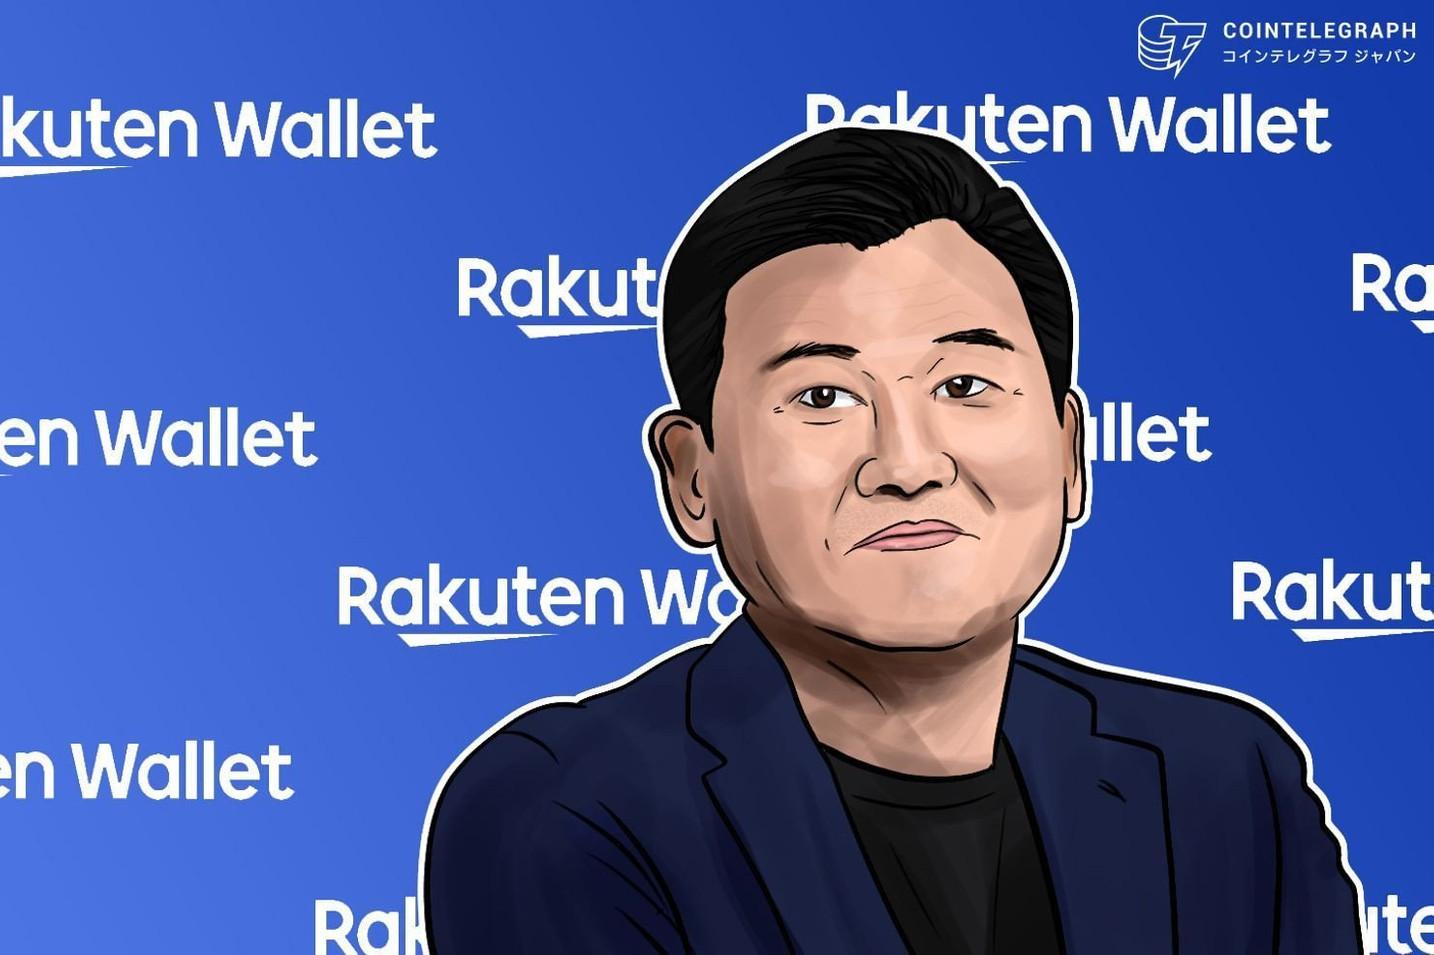 楽天ウォレット、iOSアプリを今日から開始 仮想通貨ビットコインの取引をiOSで